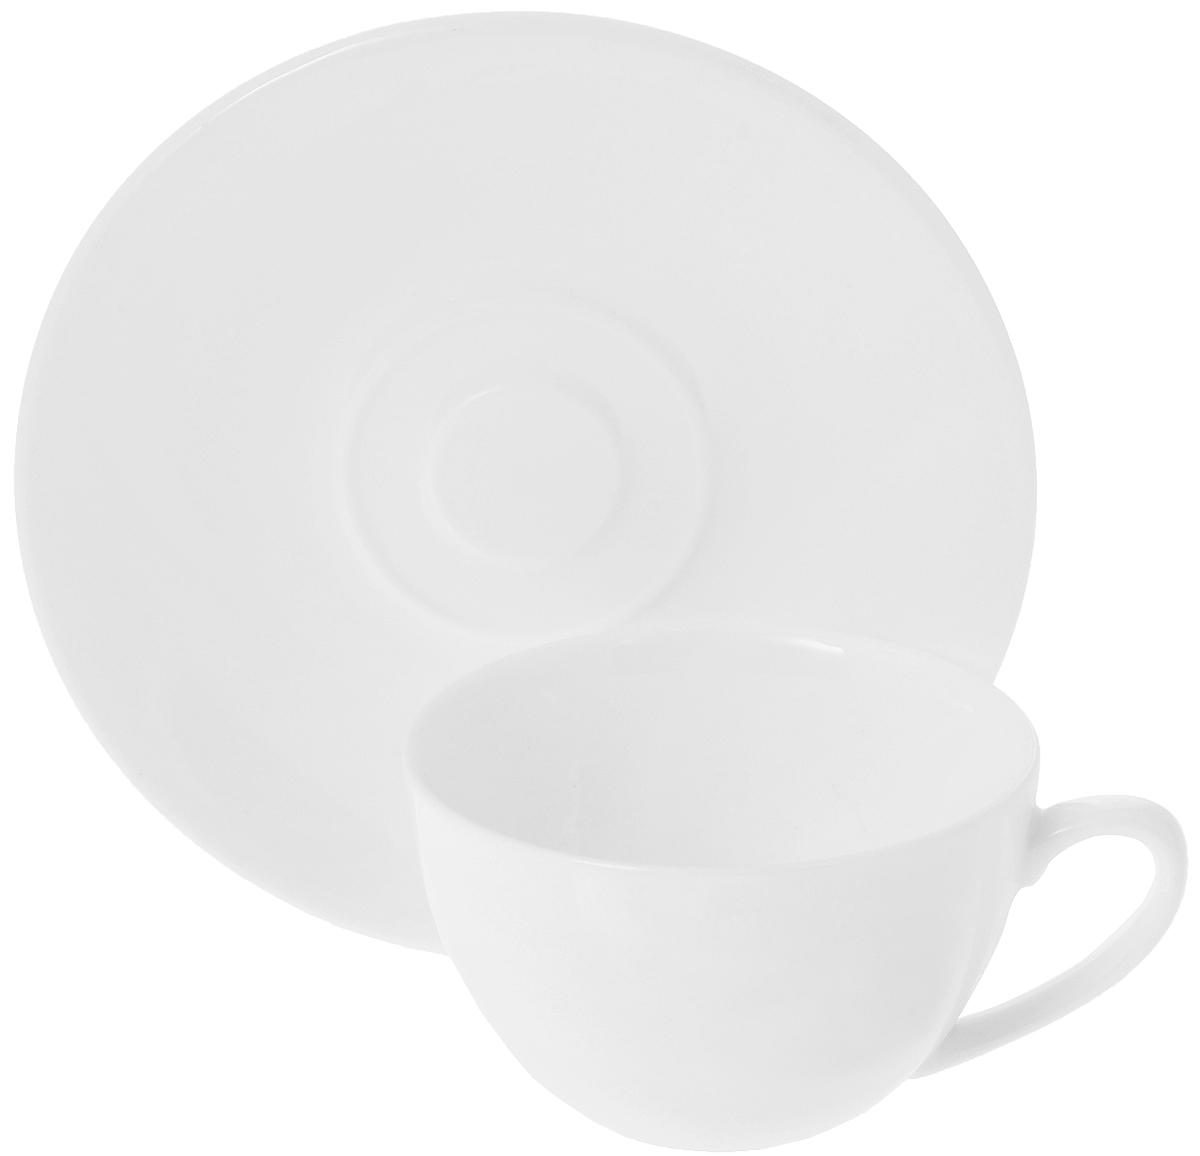 Кофейная пара Wilmax, 2 предмета. WL-993001 / ABWL-993001 / ABКофейная пара Wilmax состоит из чашки и блюдца. Изделия выполнены из высококачественного фарфора, покрытого слоем глазури. Изделия имеют лаконичный дизайн, просты и функциональны в использовании. Кофейная пара Wilmax украсит ваш кухонный стол, а также станет замечательным подарком к любому празднику. Изделия можно мыть в посудомоечной машине и ставить в микроволновую печь. Объем чашки: 180 мл. Диаметр чашки (по верхнему краю): 8,5 см. Высота чашки: 5 см. Диаметр блюдца: 14 см.